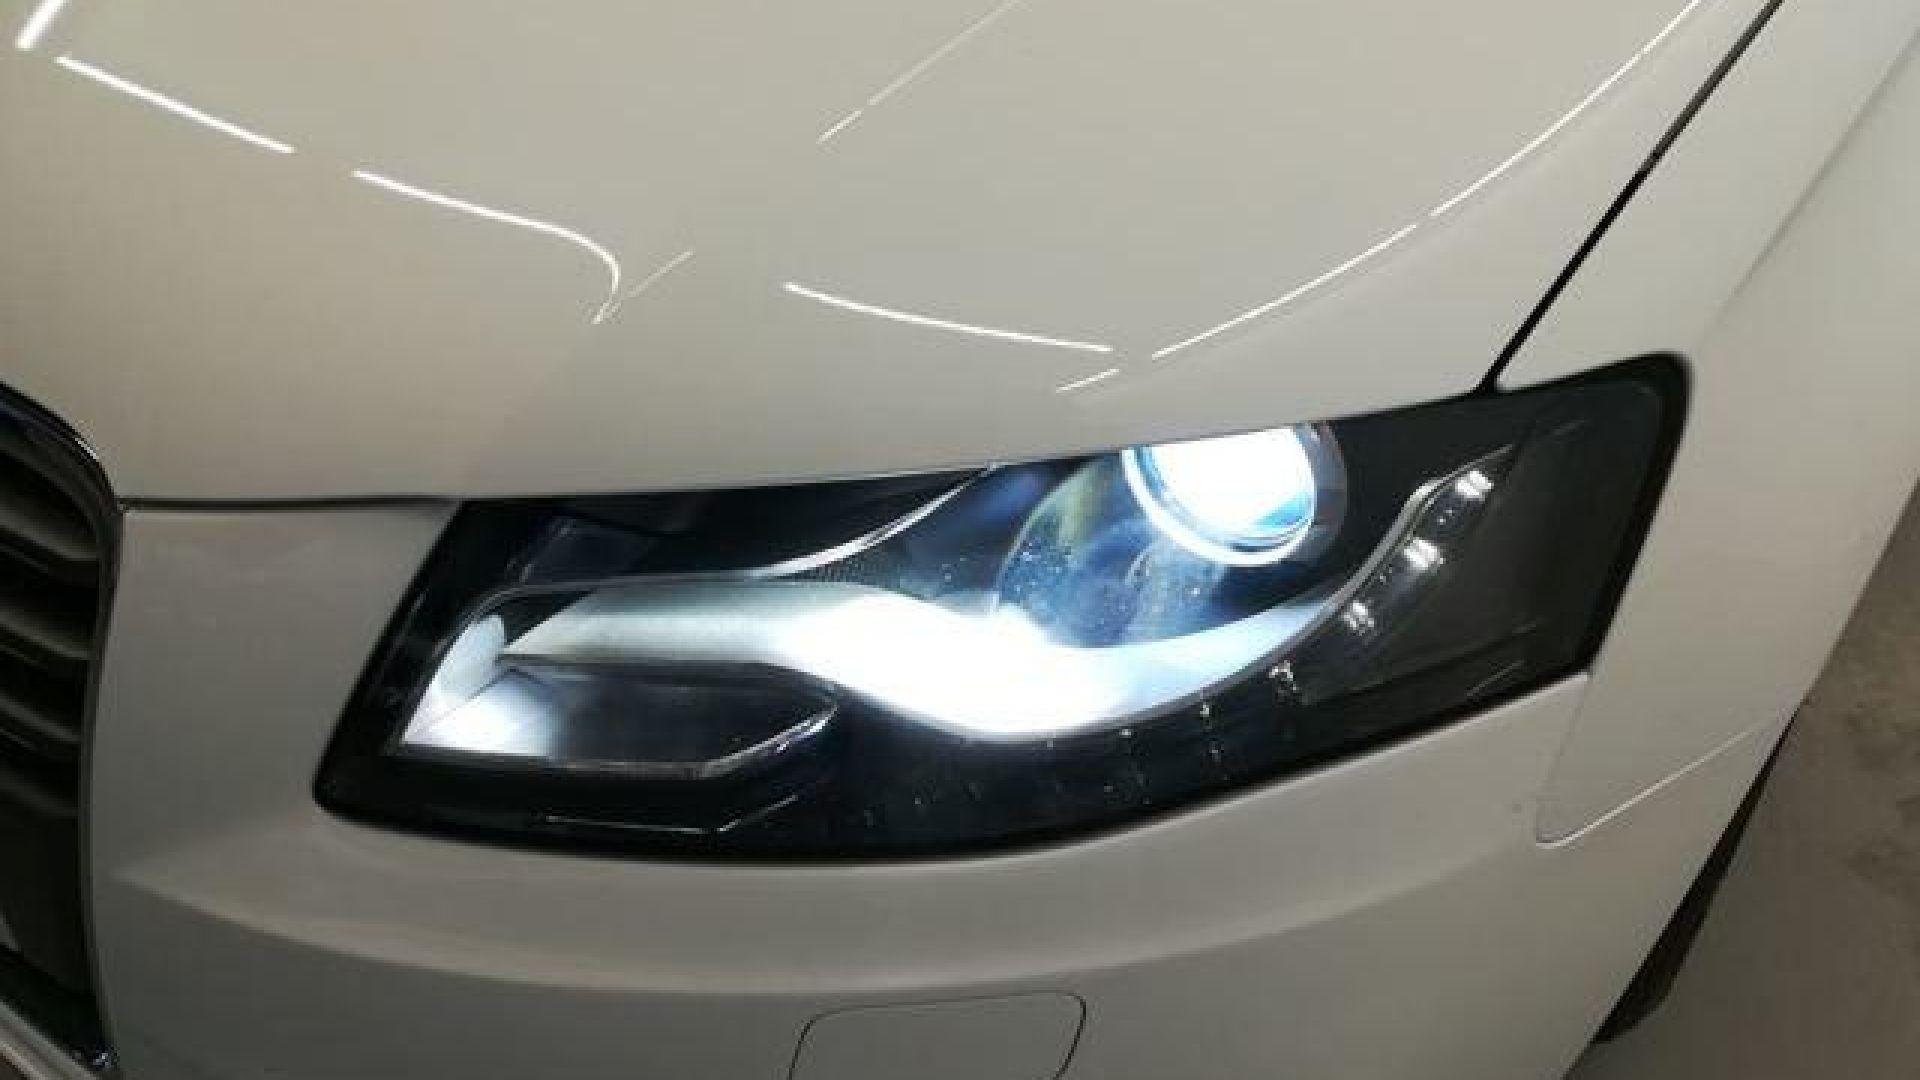 Audi A4 Avant 2.0 TFSI 180cv